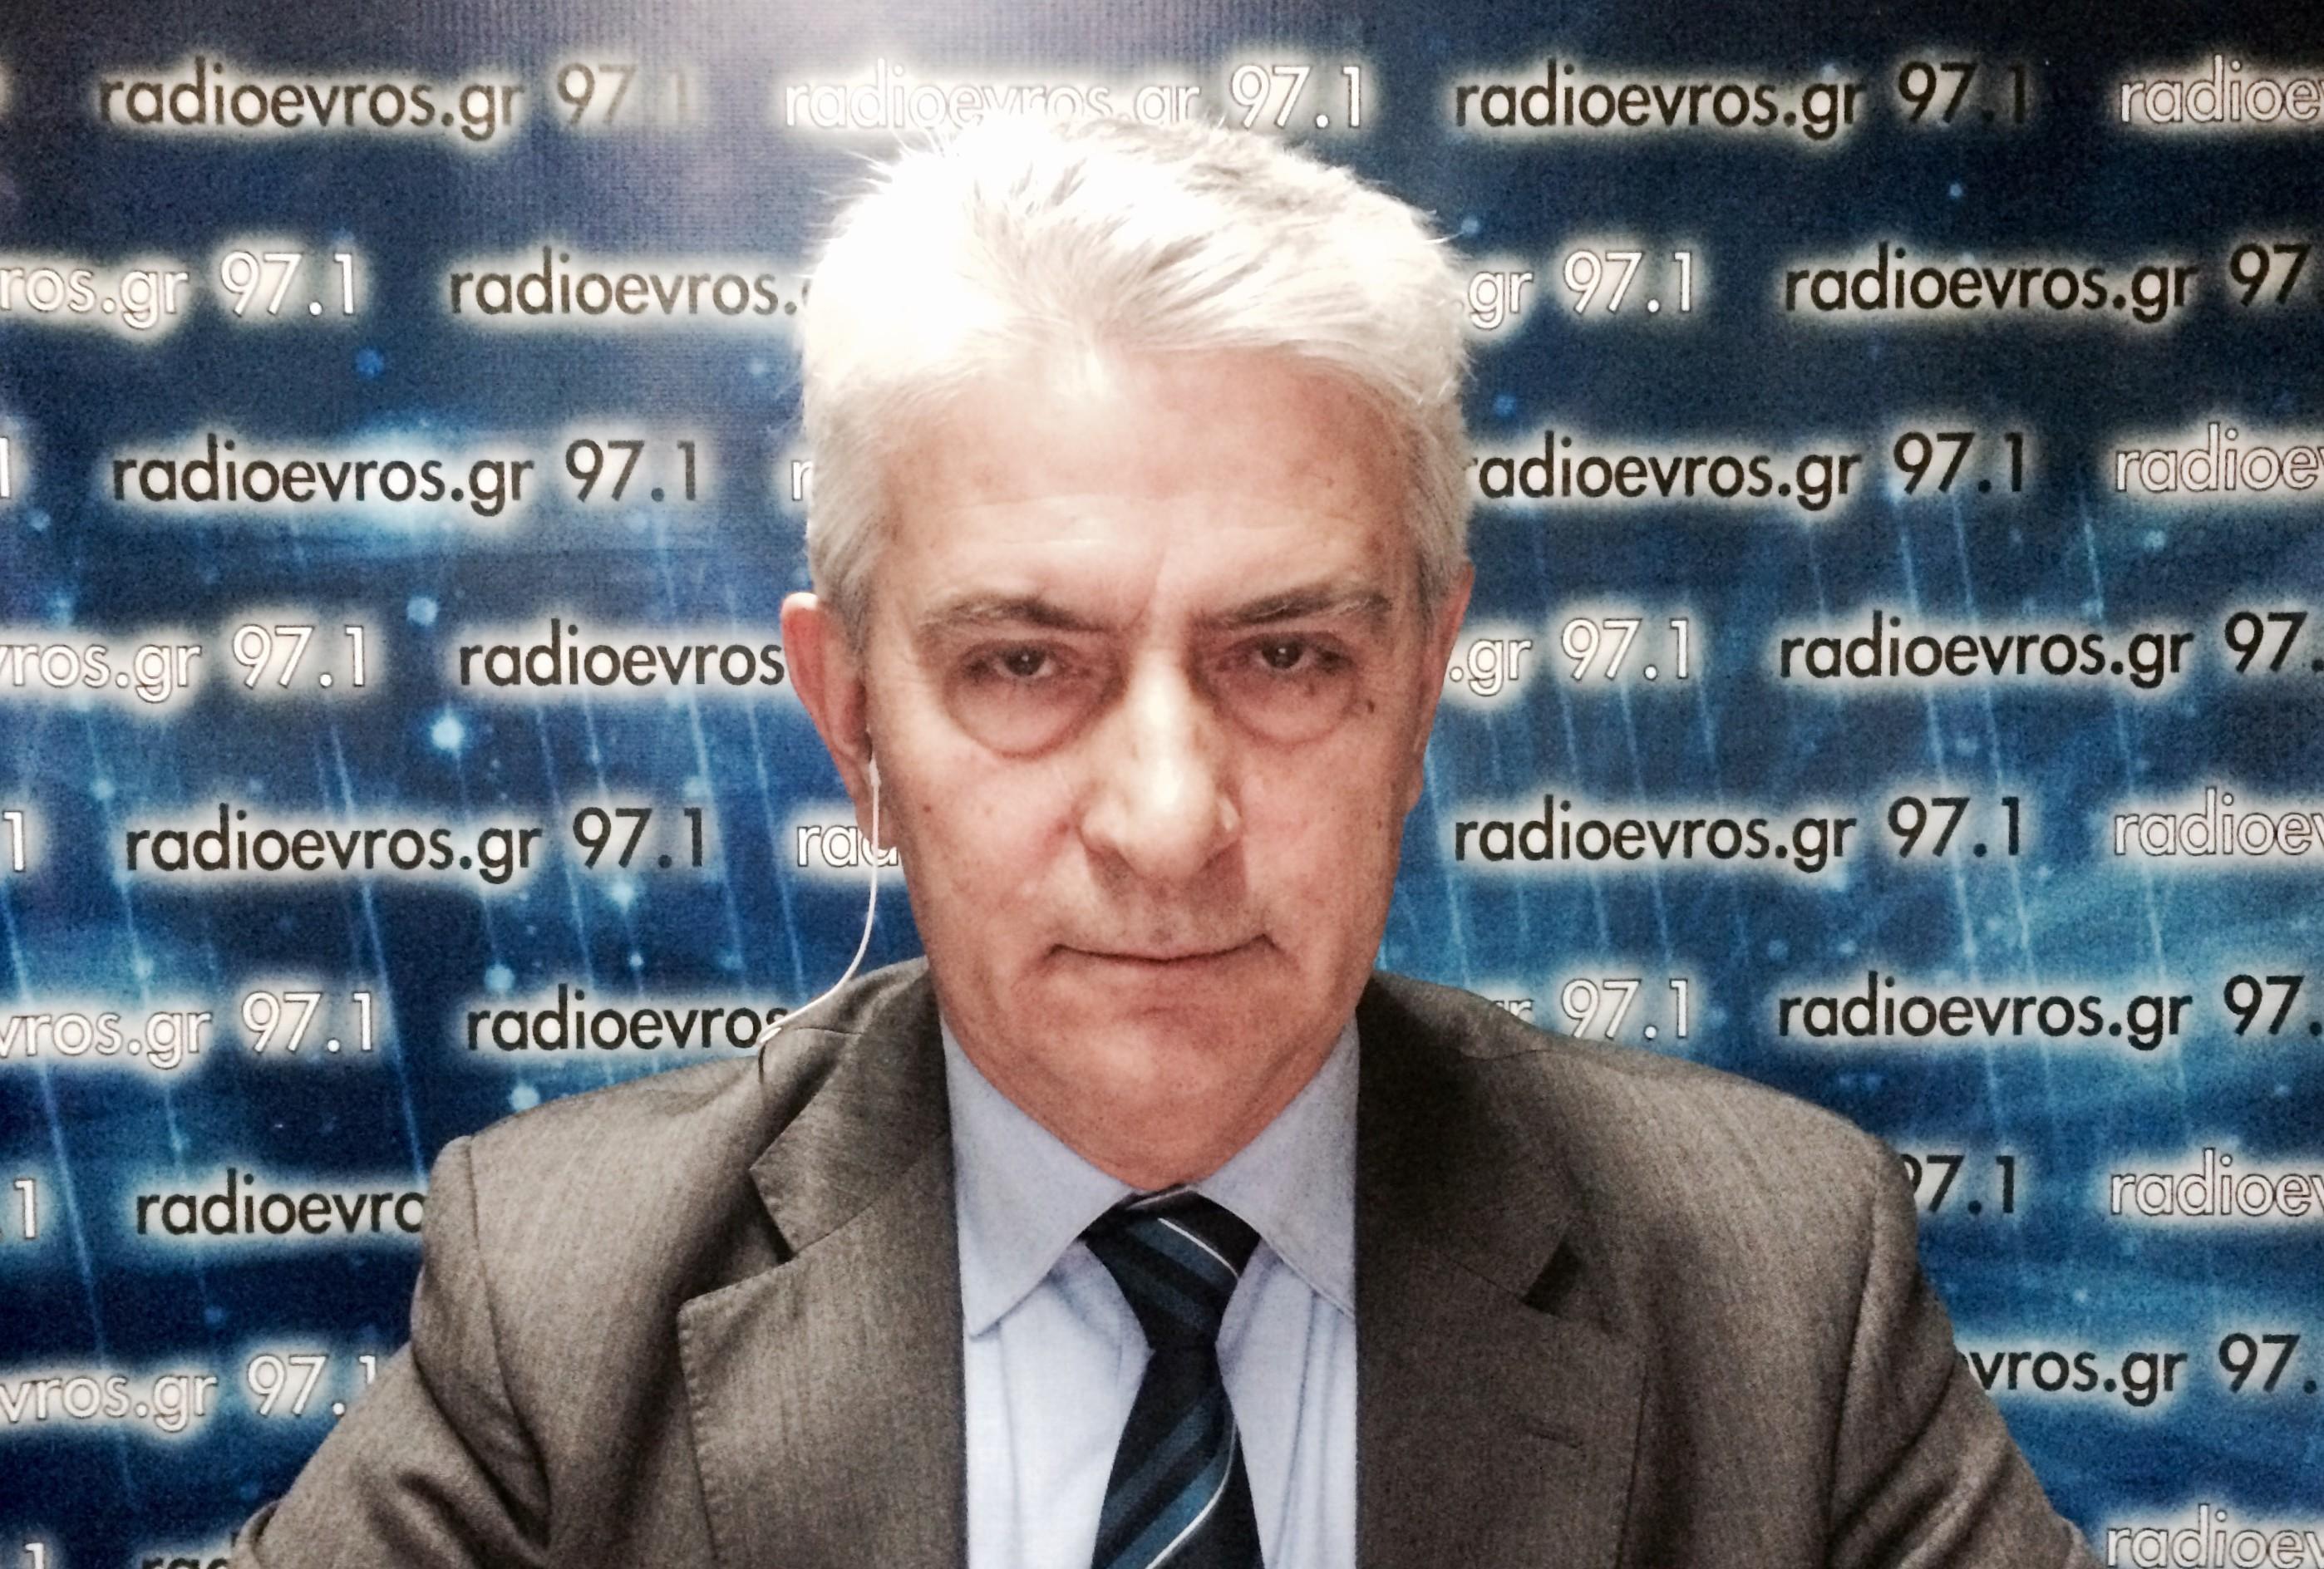 Anastasios Dimoshakis